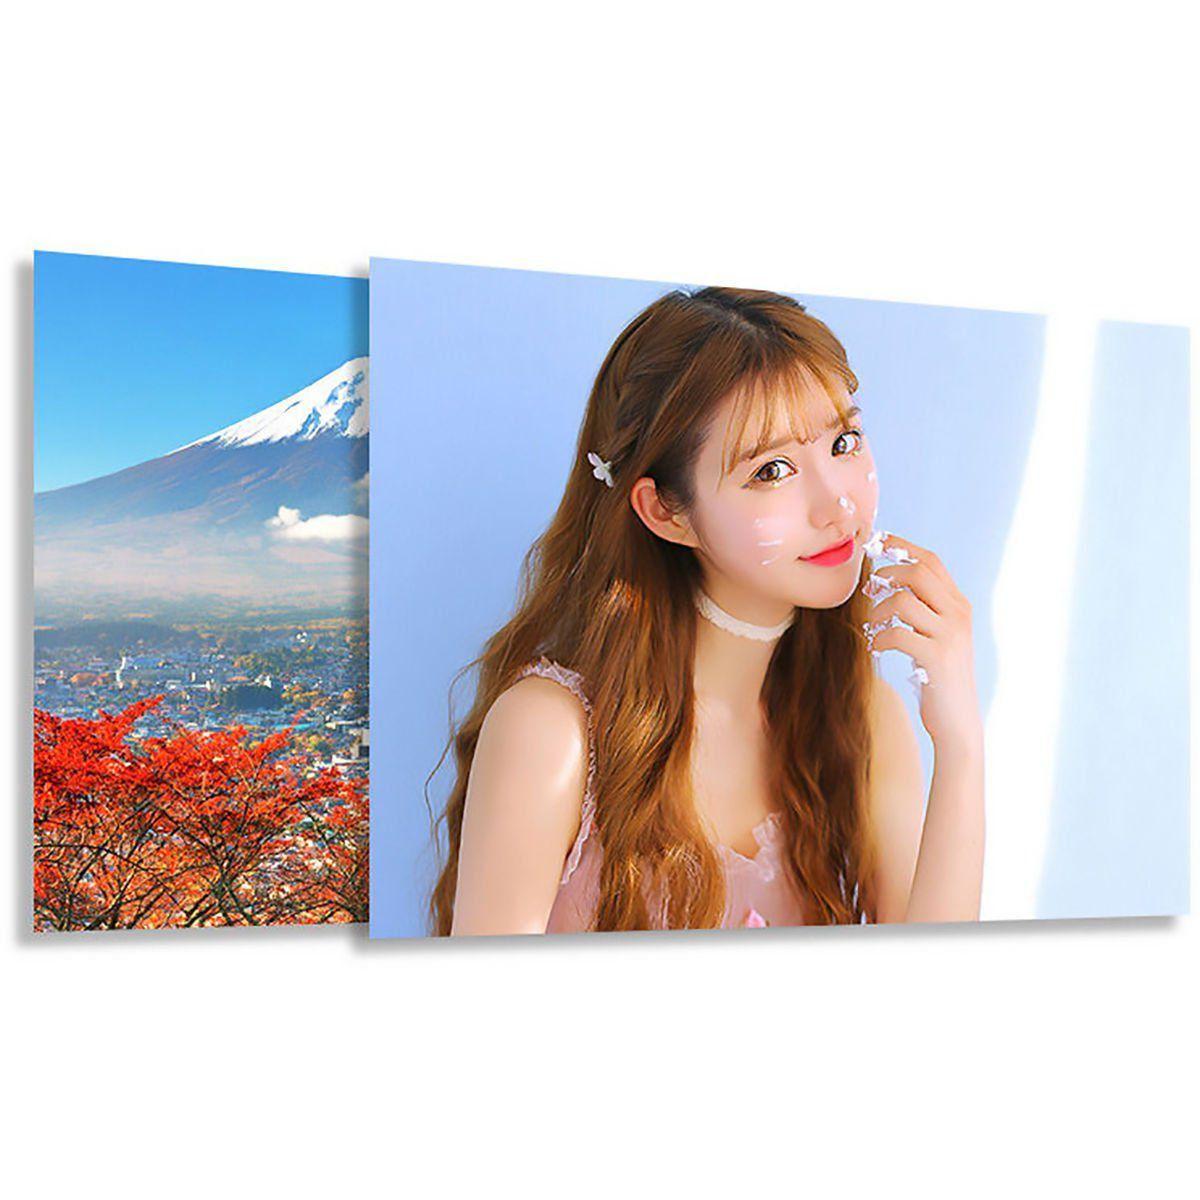 Papel Fotográfico Glossy A3 297mm x 420mm 230g Branco Brilhante Resistente à Água / 100 Folhas